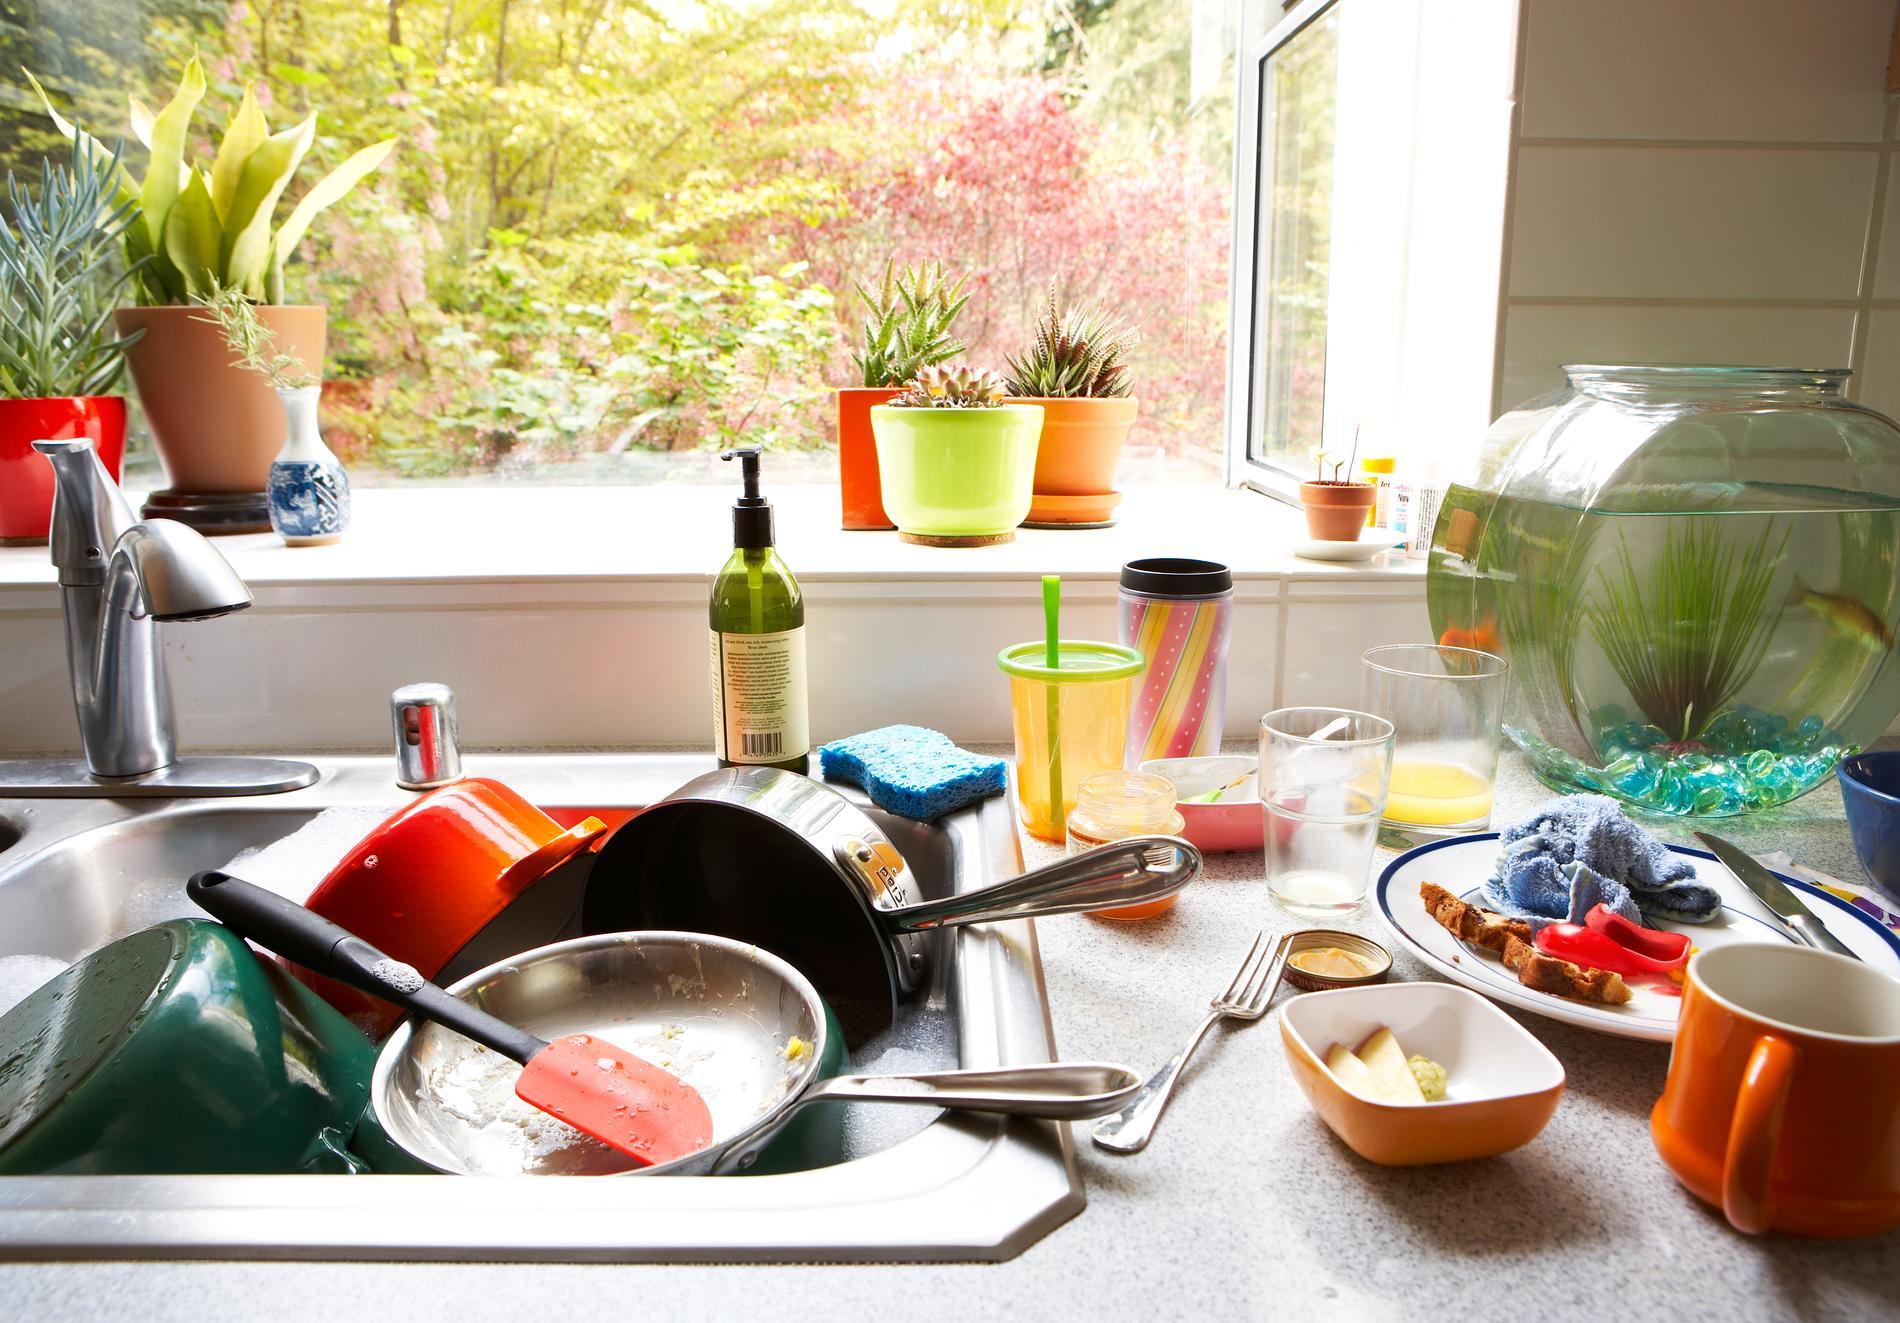 Svenska hushåll beräknas 2021 hälla ut cirka 190 000 ton flytande mat och dryck via avloppet på ett år.